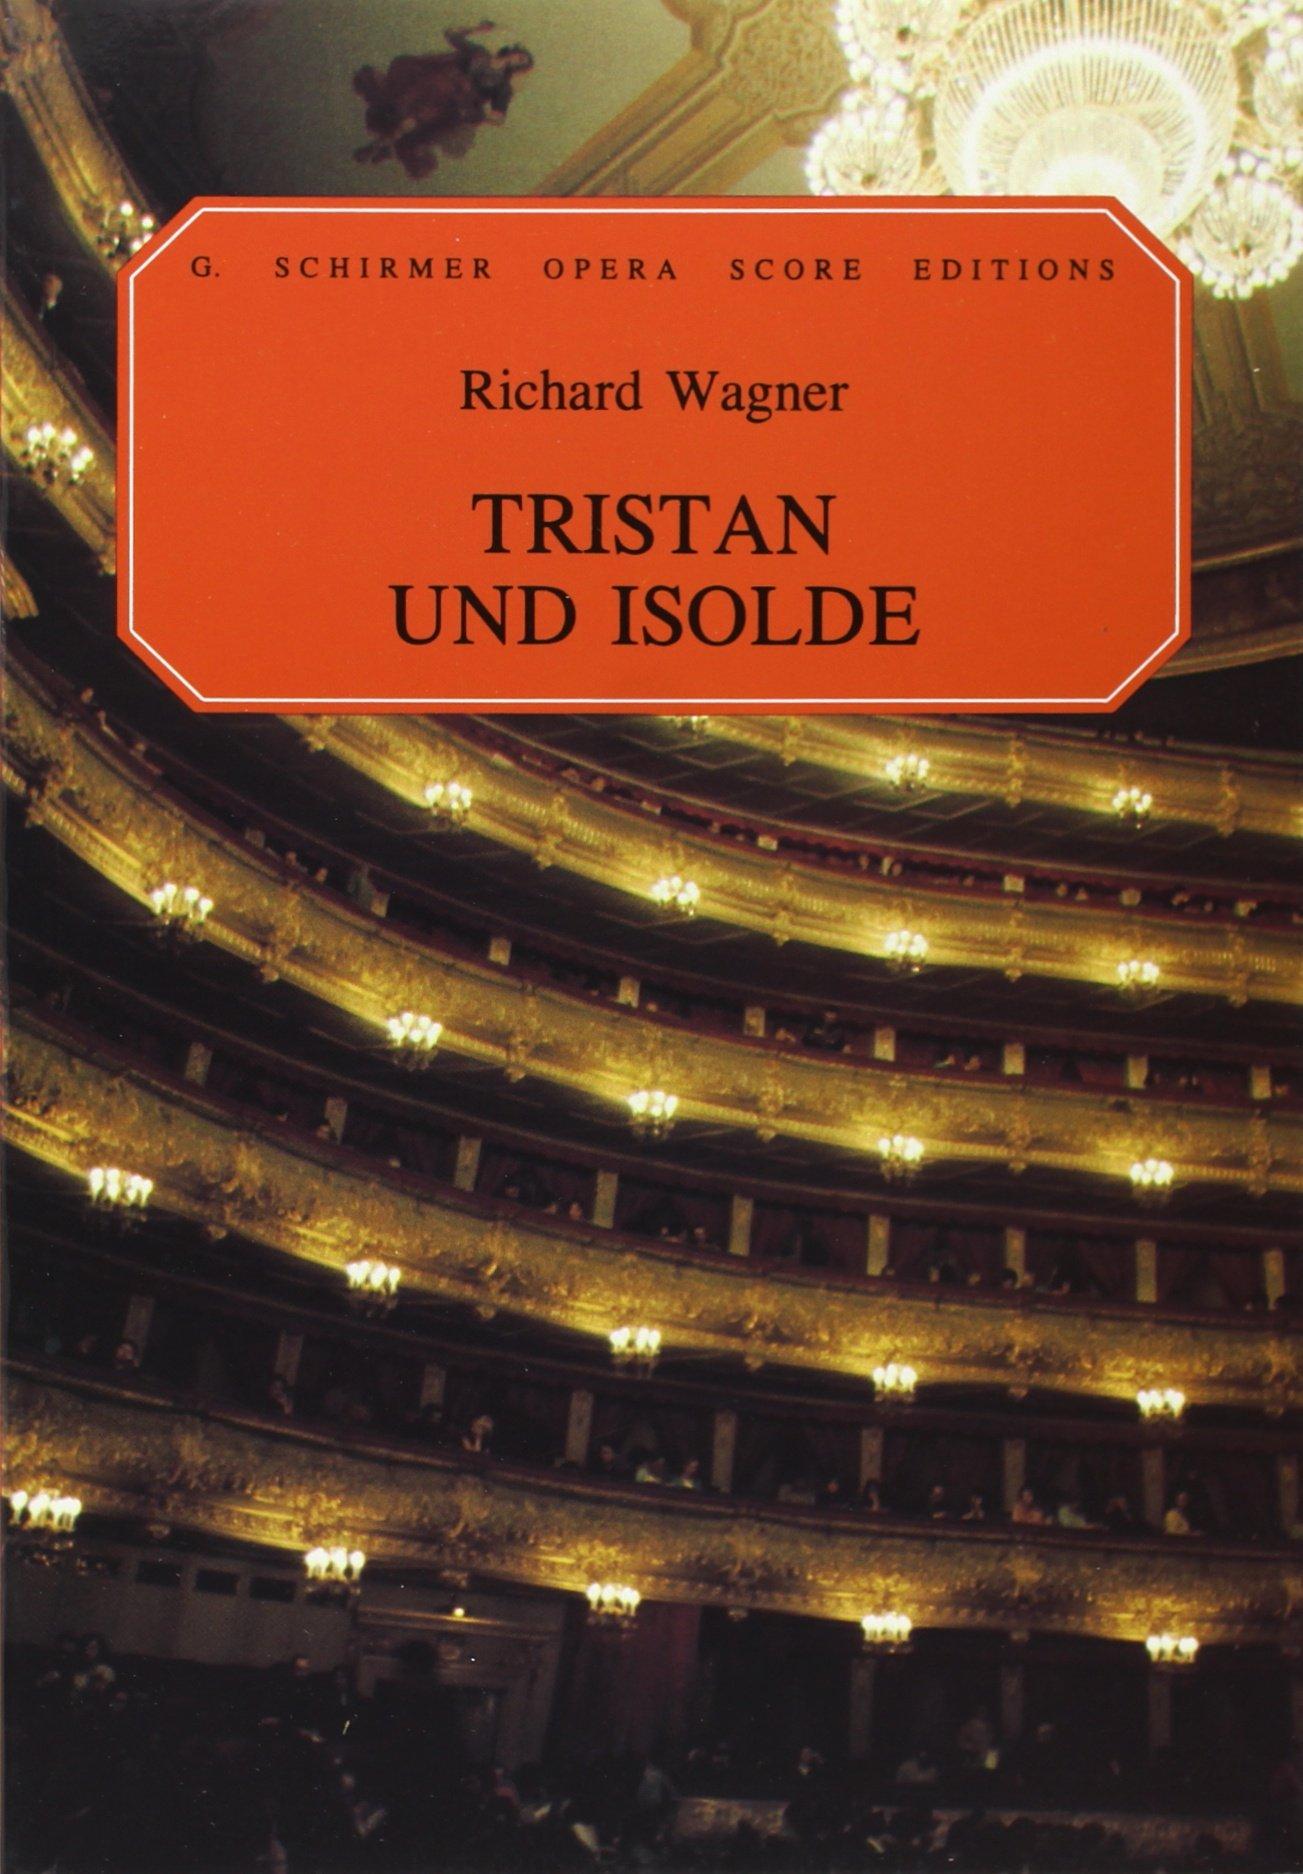 tristan-und-isolde-vocal-score